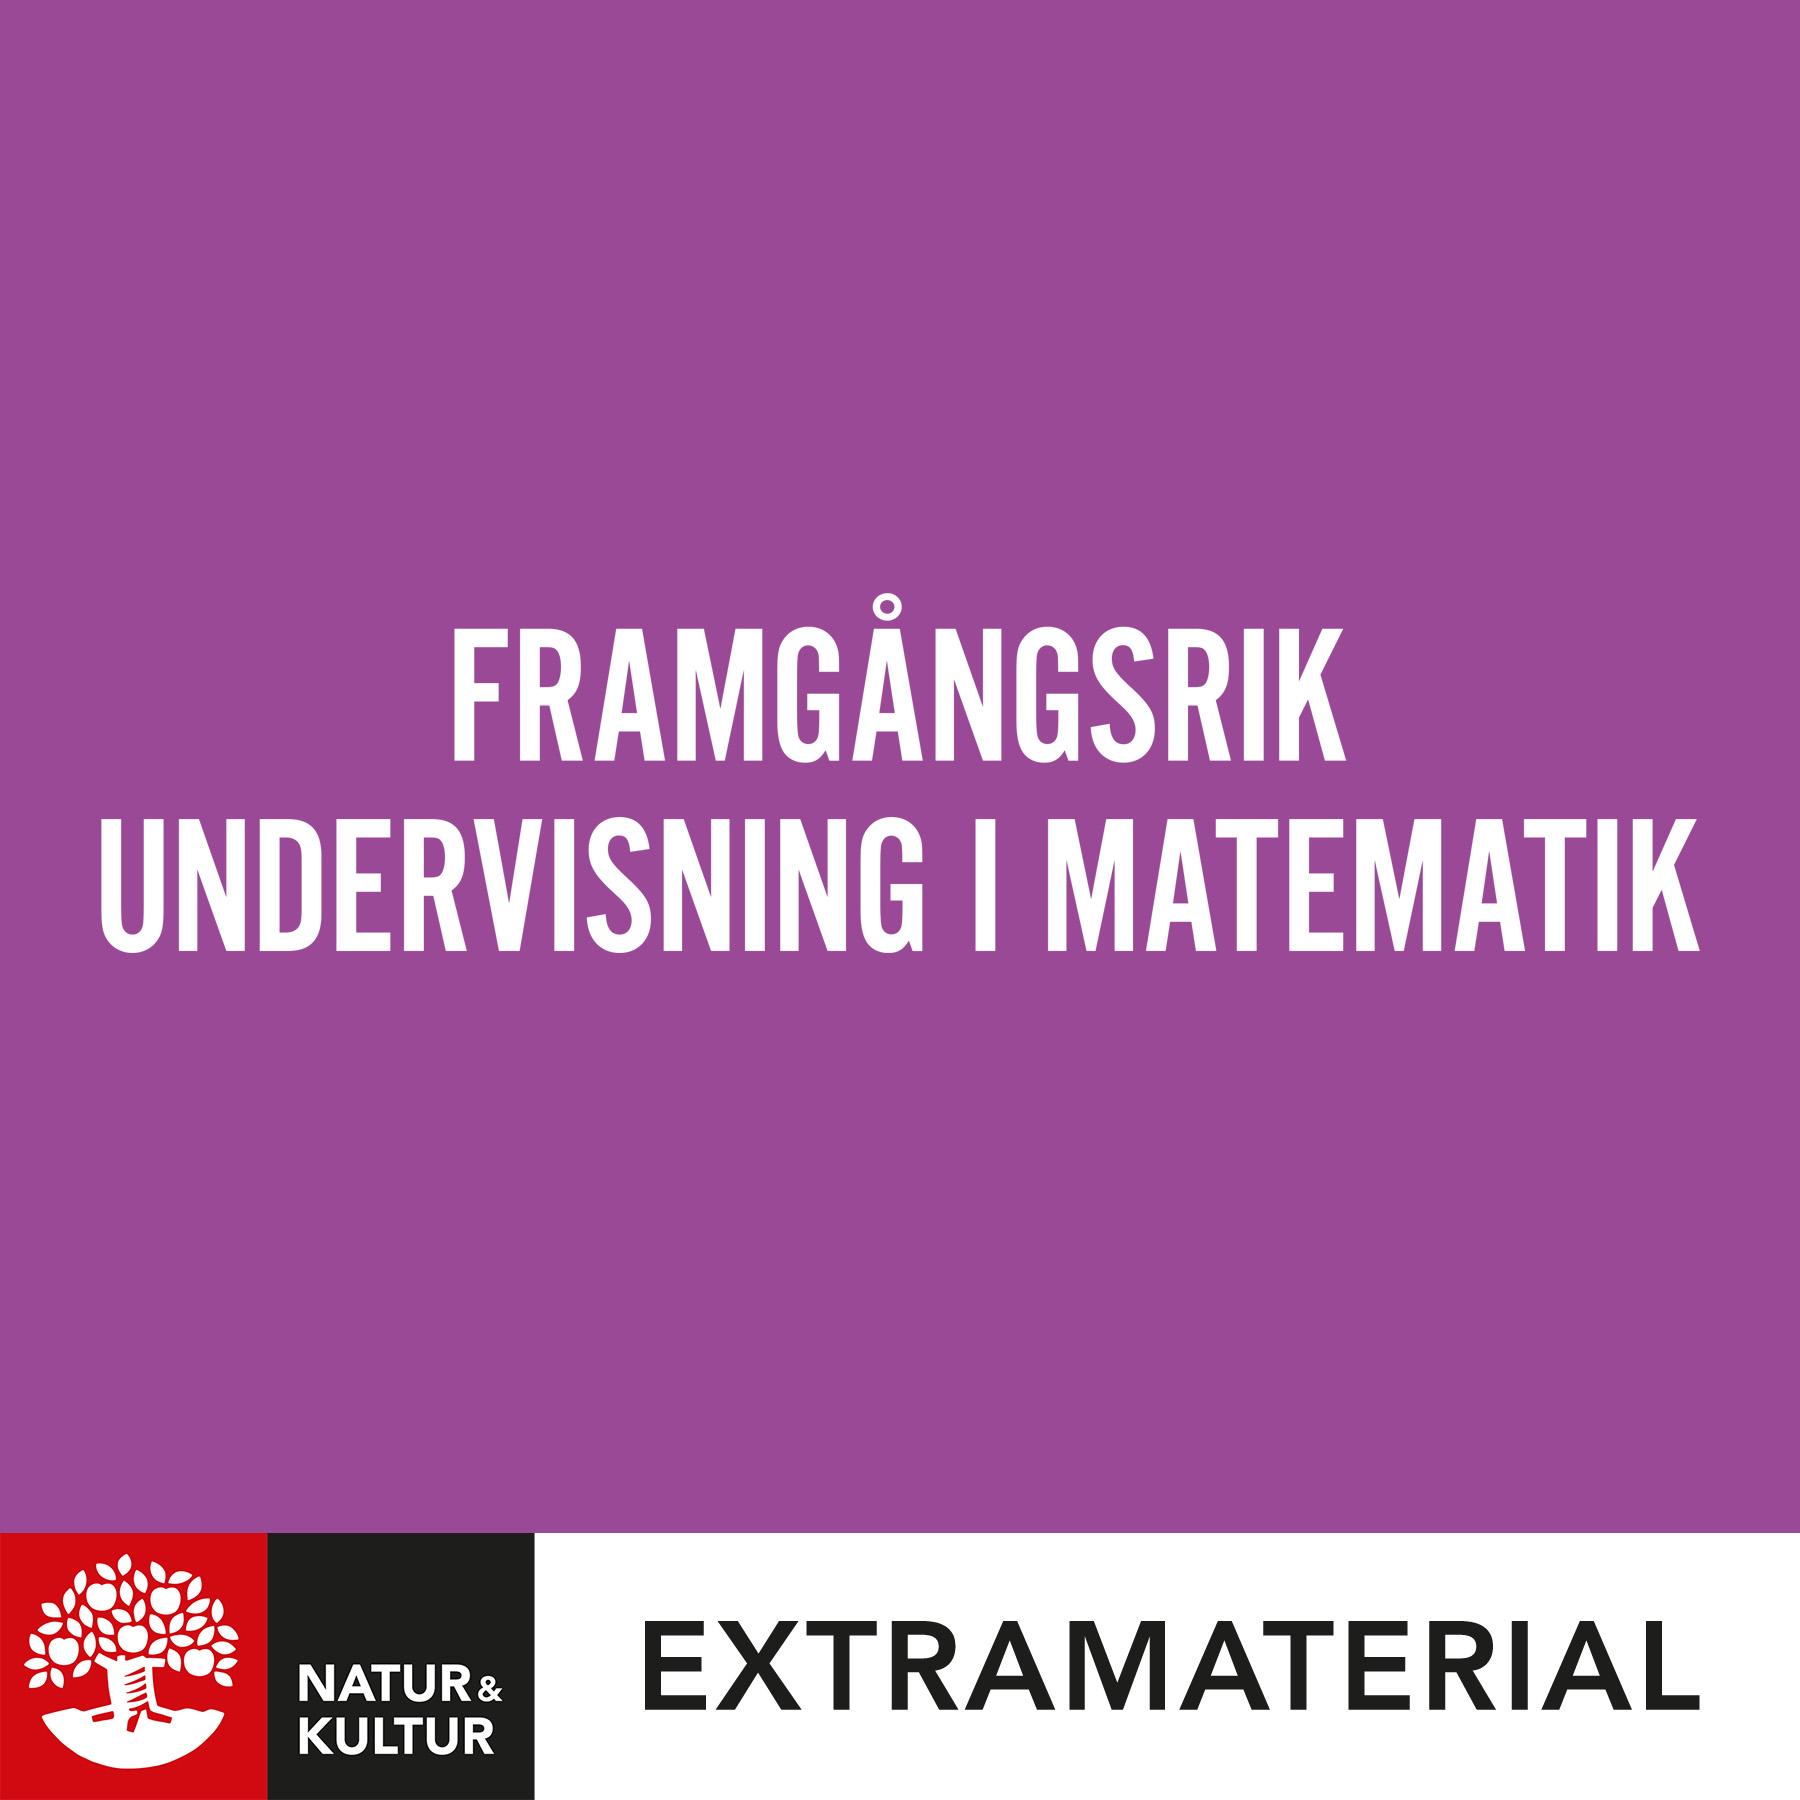 Framgångsrik undervisning i matematik